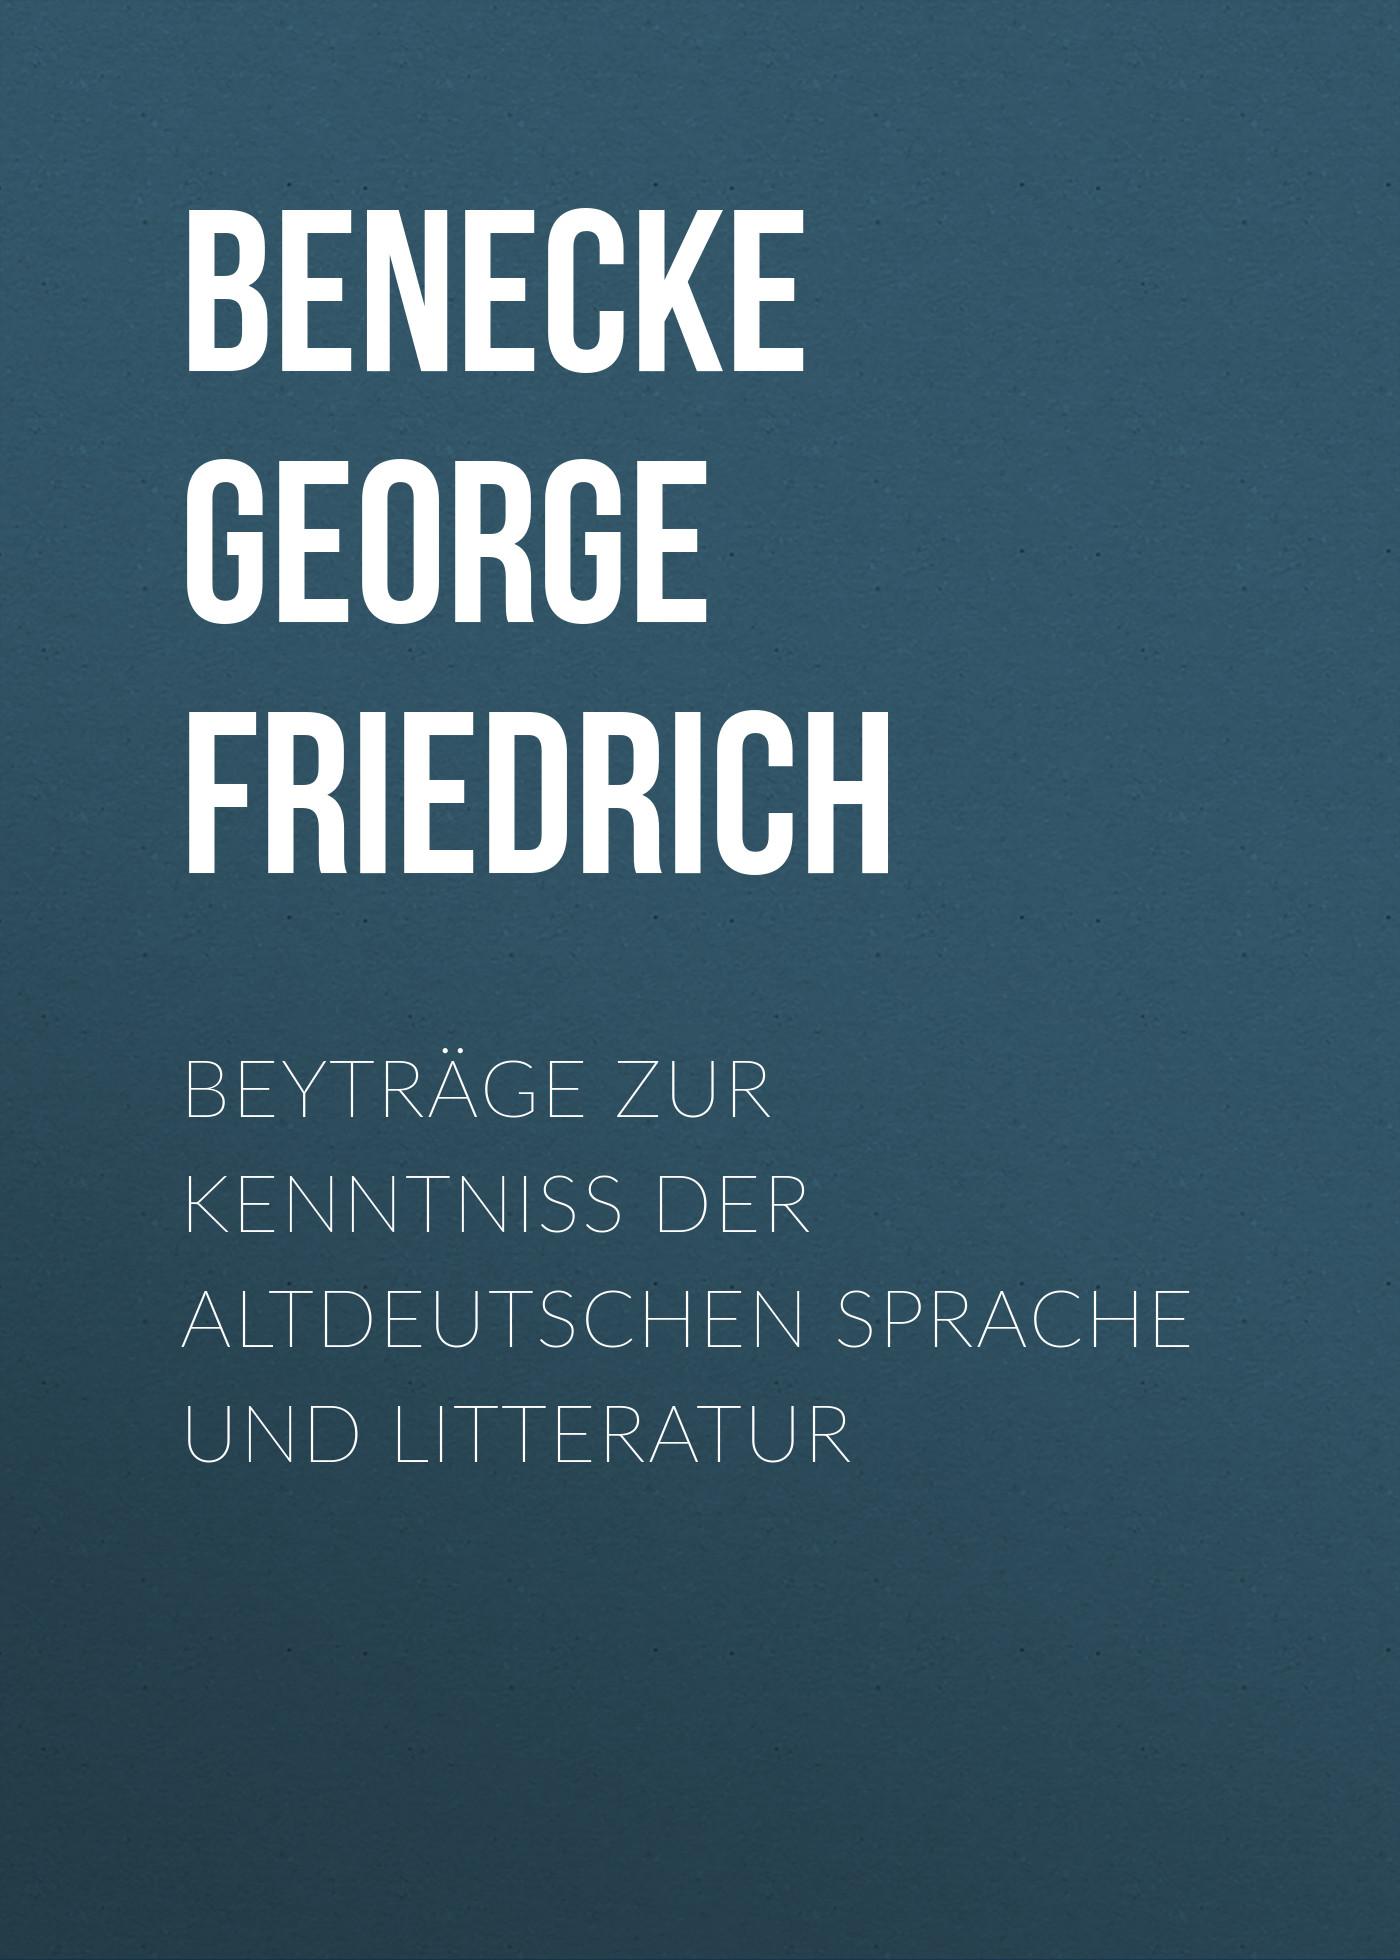 Benecke George Friedrich Beyträge zur Kenntniss der altdeutschen Sprache und Litteratur samuel johann ernst stosch kleine beiträge zur nähern kenntniss der deutschen sprache